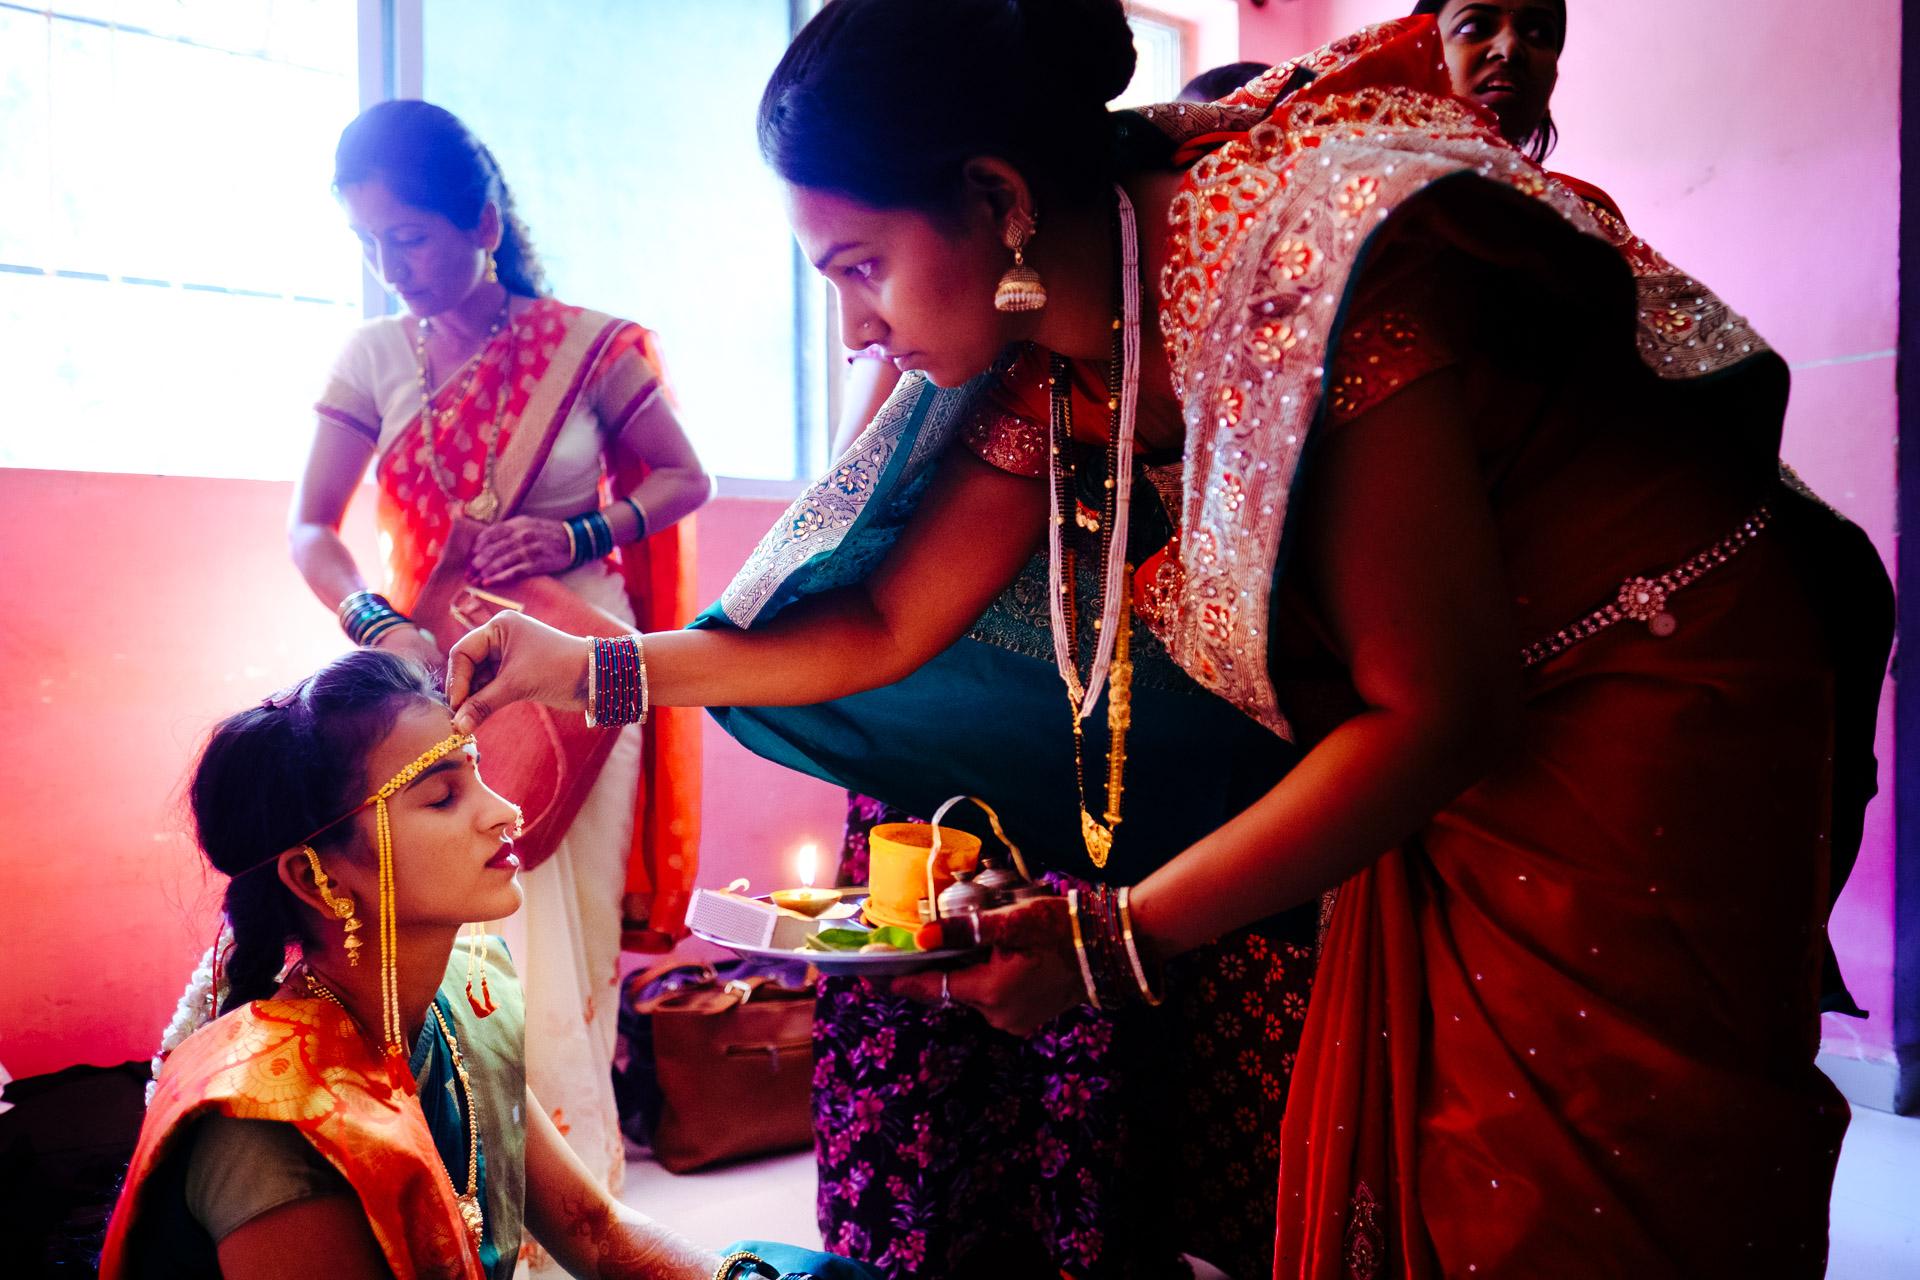 wedding_in_mumbai-26.jpg